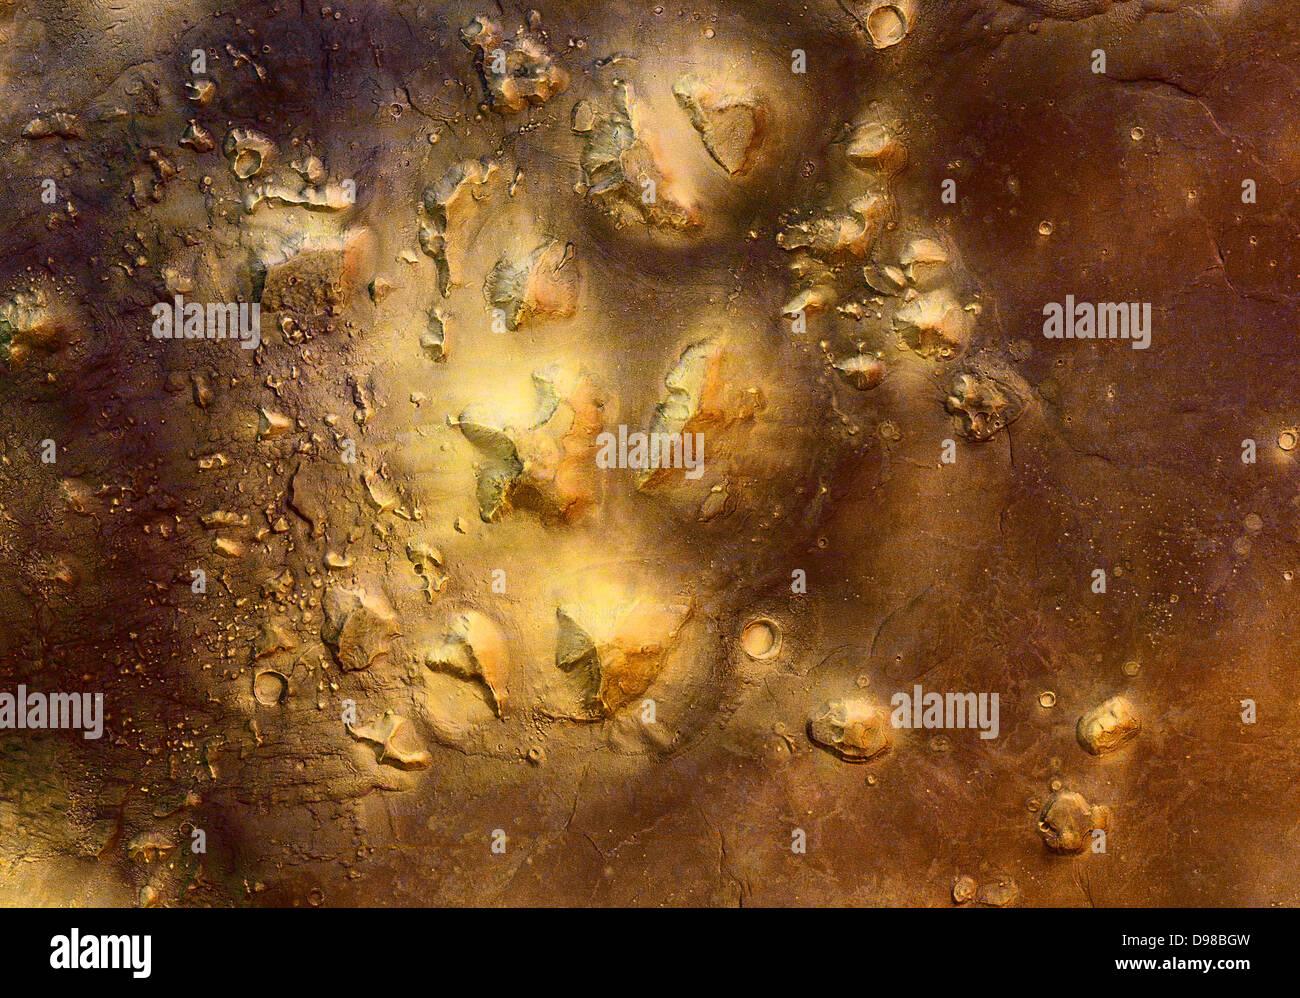 Stone mesas della regione di Cydonia su Marte sono molto suggestivi in apparenza. La scorsa settimana il Mars Express Immagini Stock